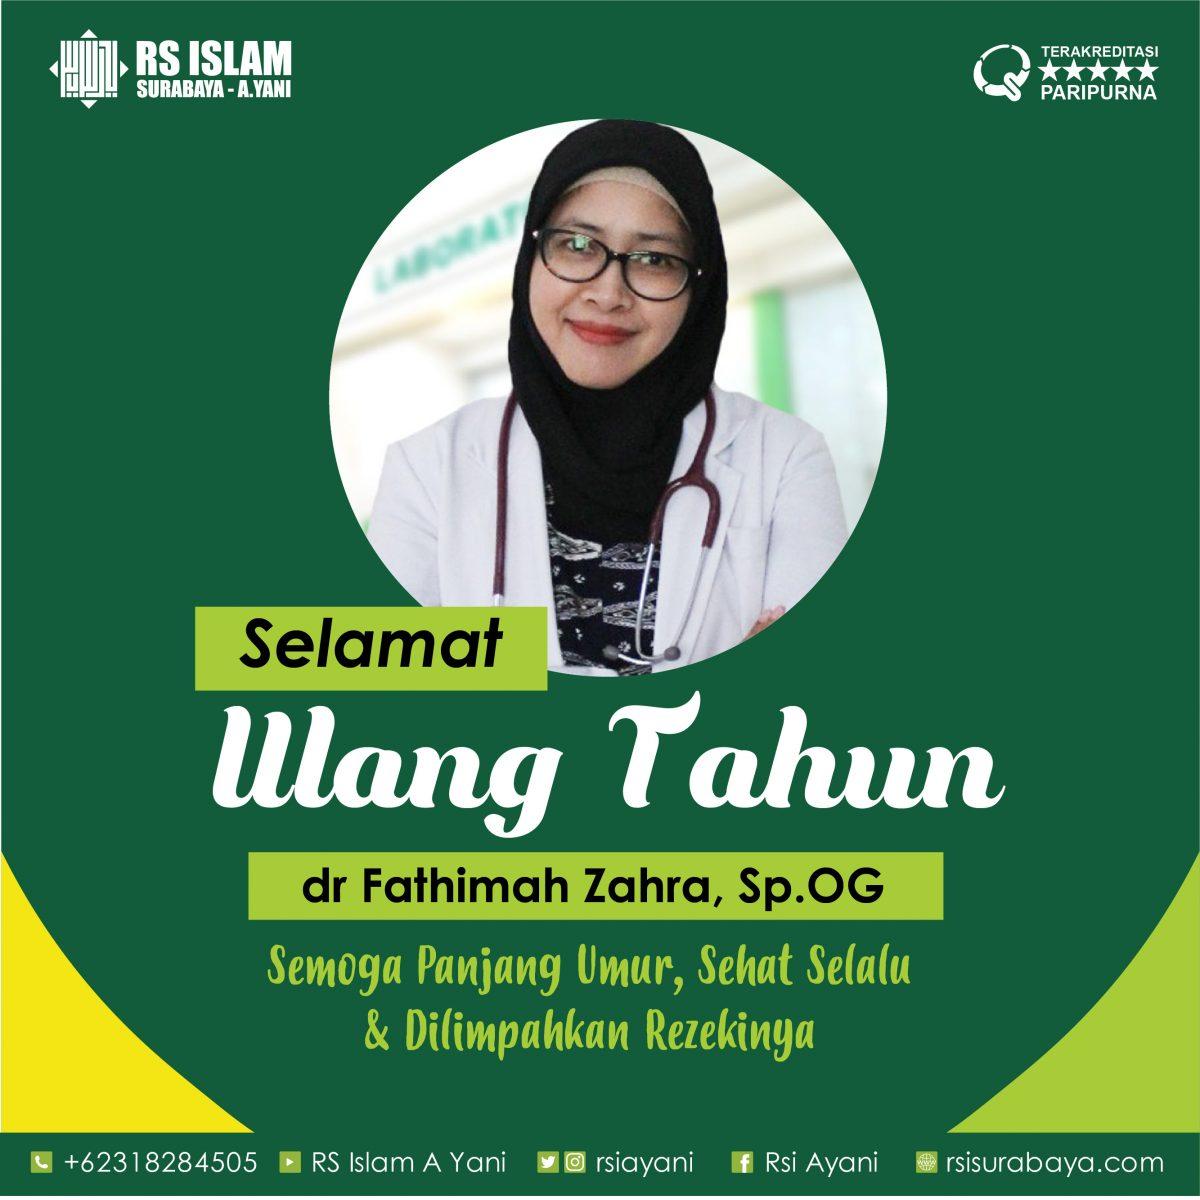 dr-Fathimah-Zahra-Sp.OG-01-01-1200x1200.jpg